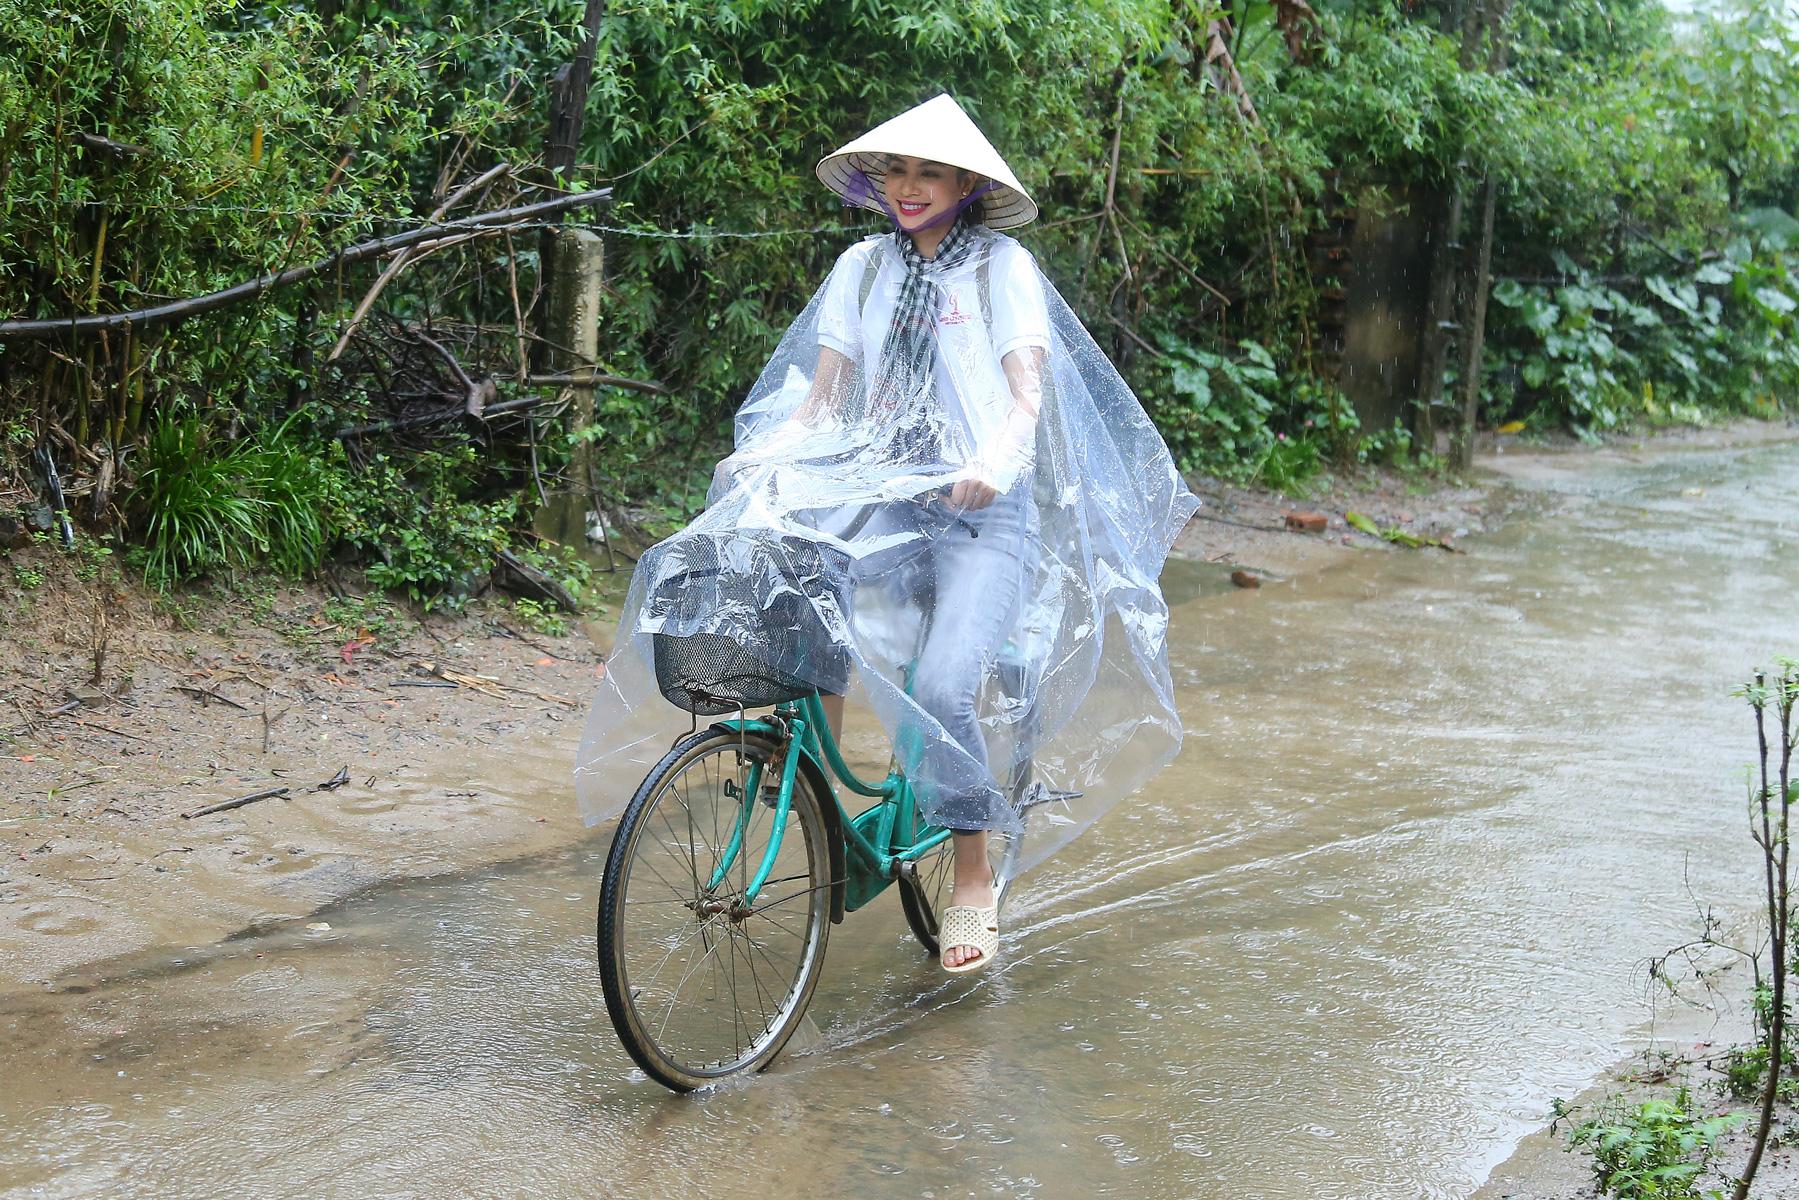 Hoa hậu Phạm Hương chạy xe đạp chở cụ già trong cơn mưa dầm 1